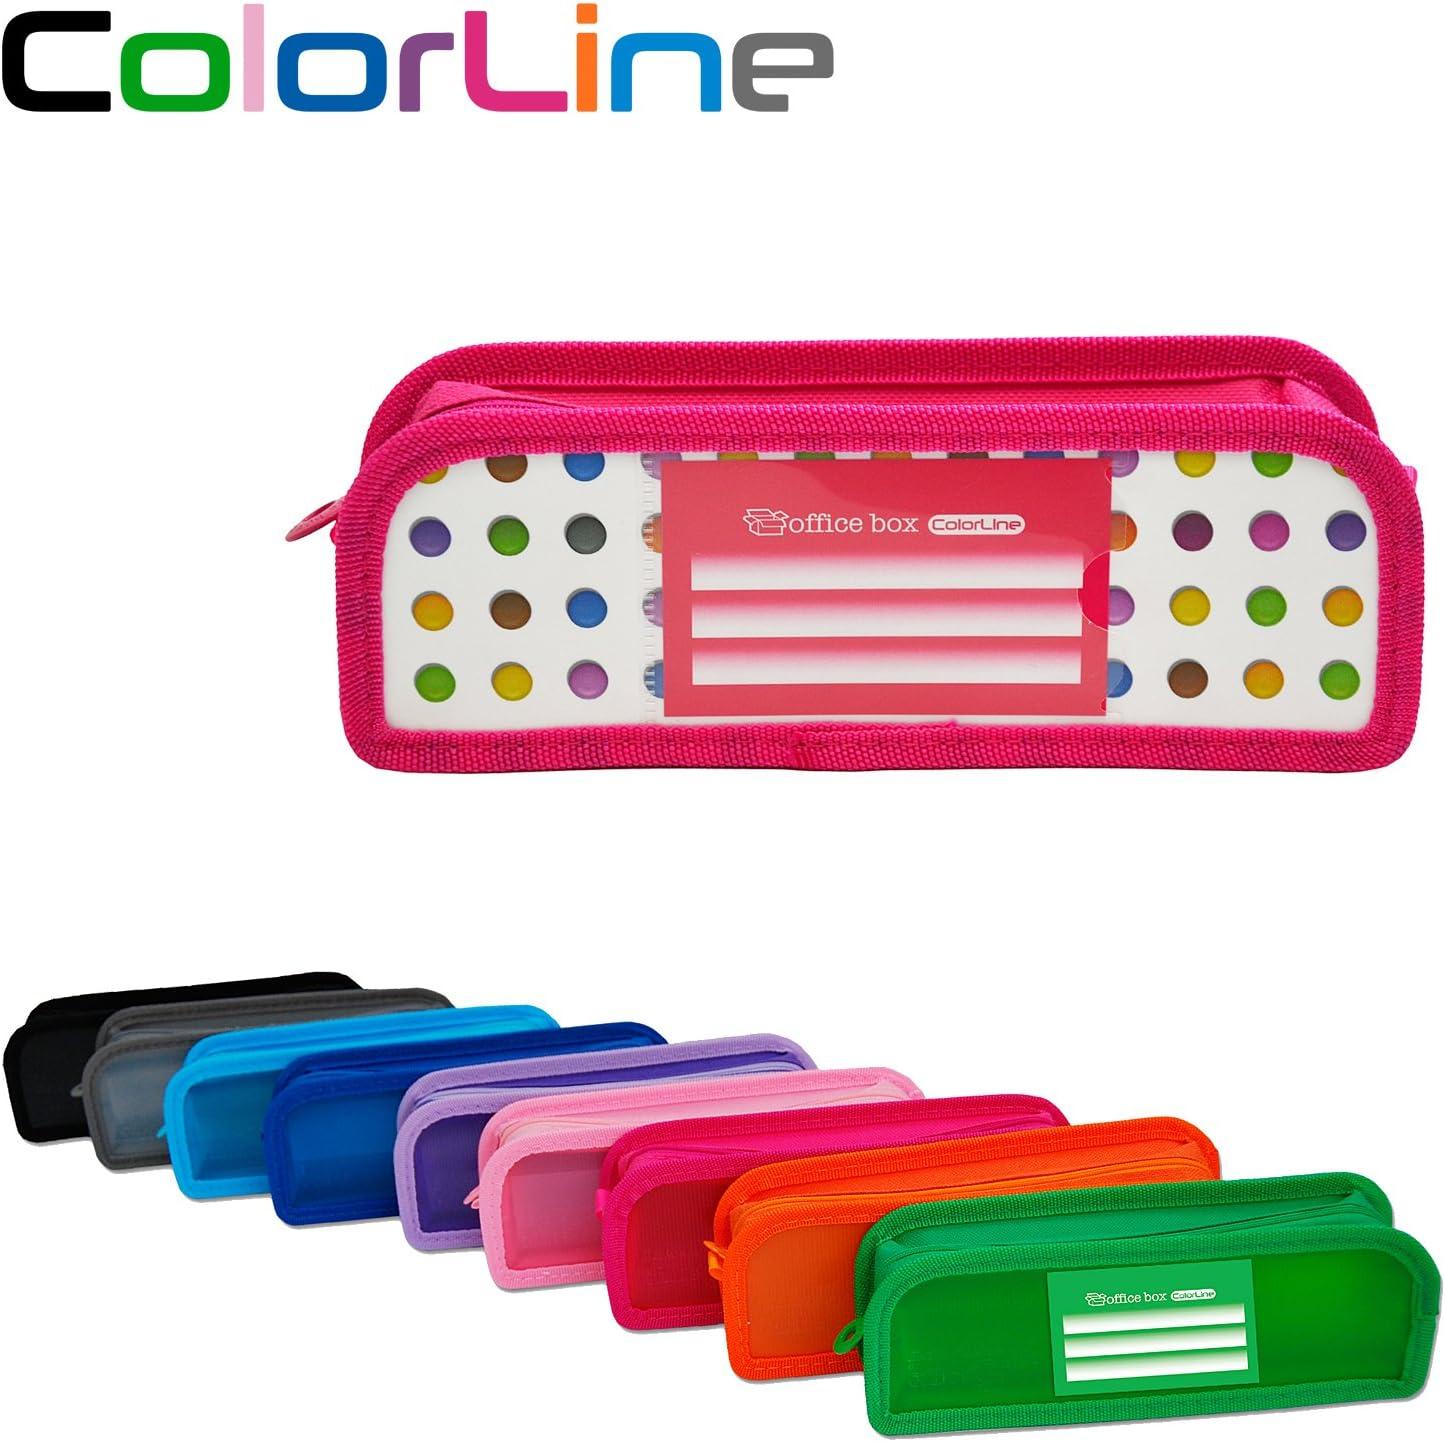 Colorline 59111 - Portatodo XL con Fuelle de Tela, Estuche Multiuso con Fuelle de Tela de Gran Capacidad para Material Escolar. Color Puntos Colores, Medidas 22 x 8 x 5 cm: Amazon.es: Oficina y papelería